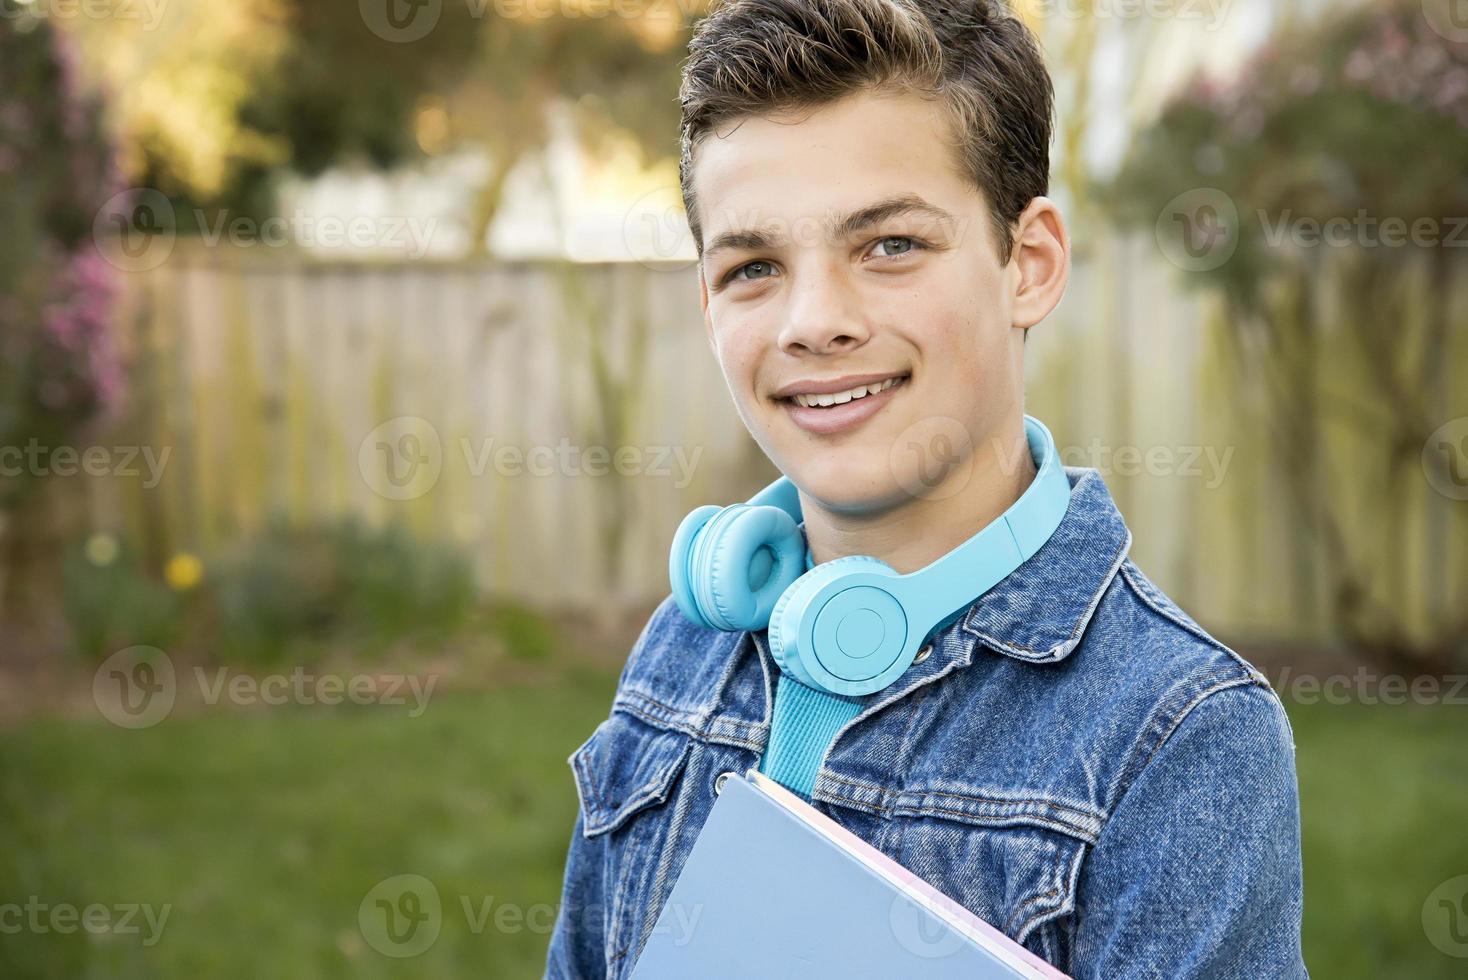 glücklicher Teenager foto